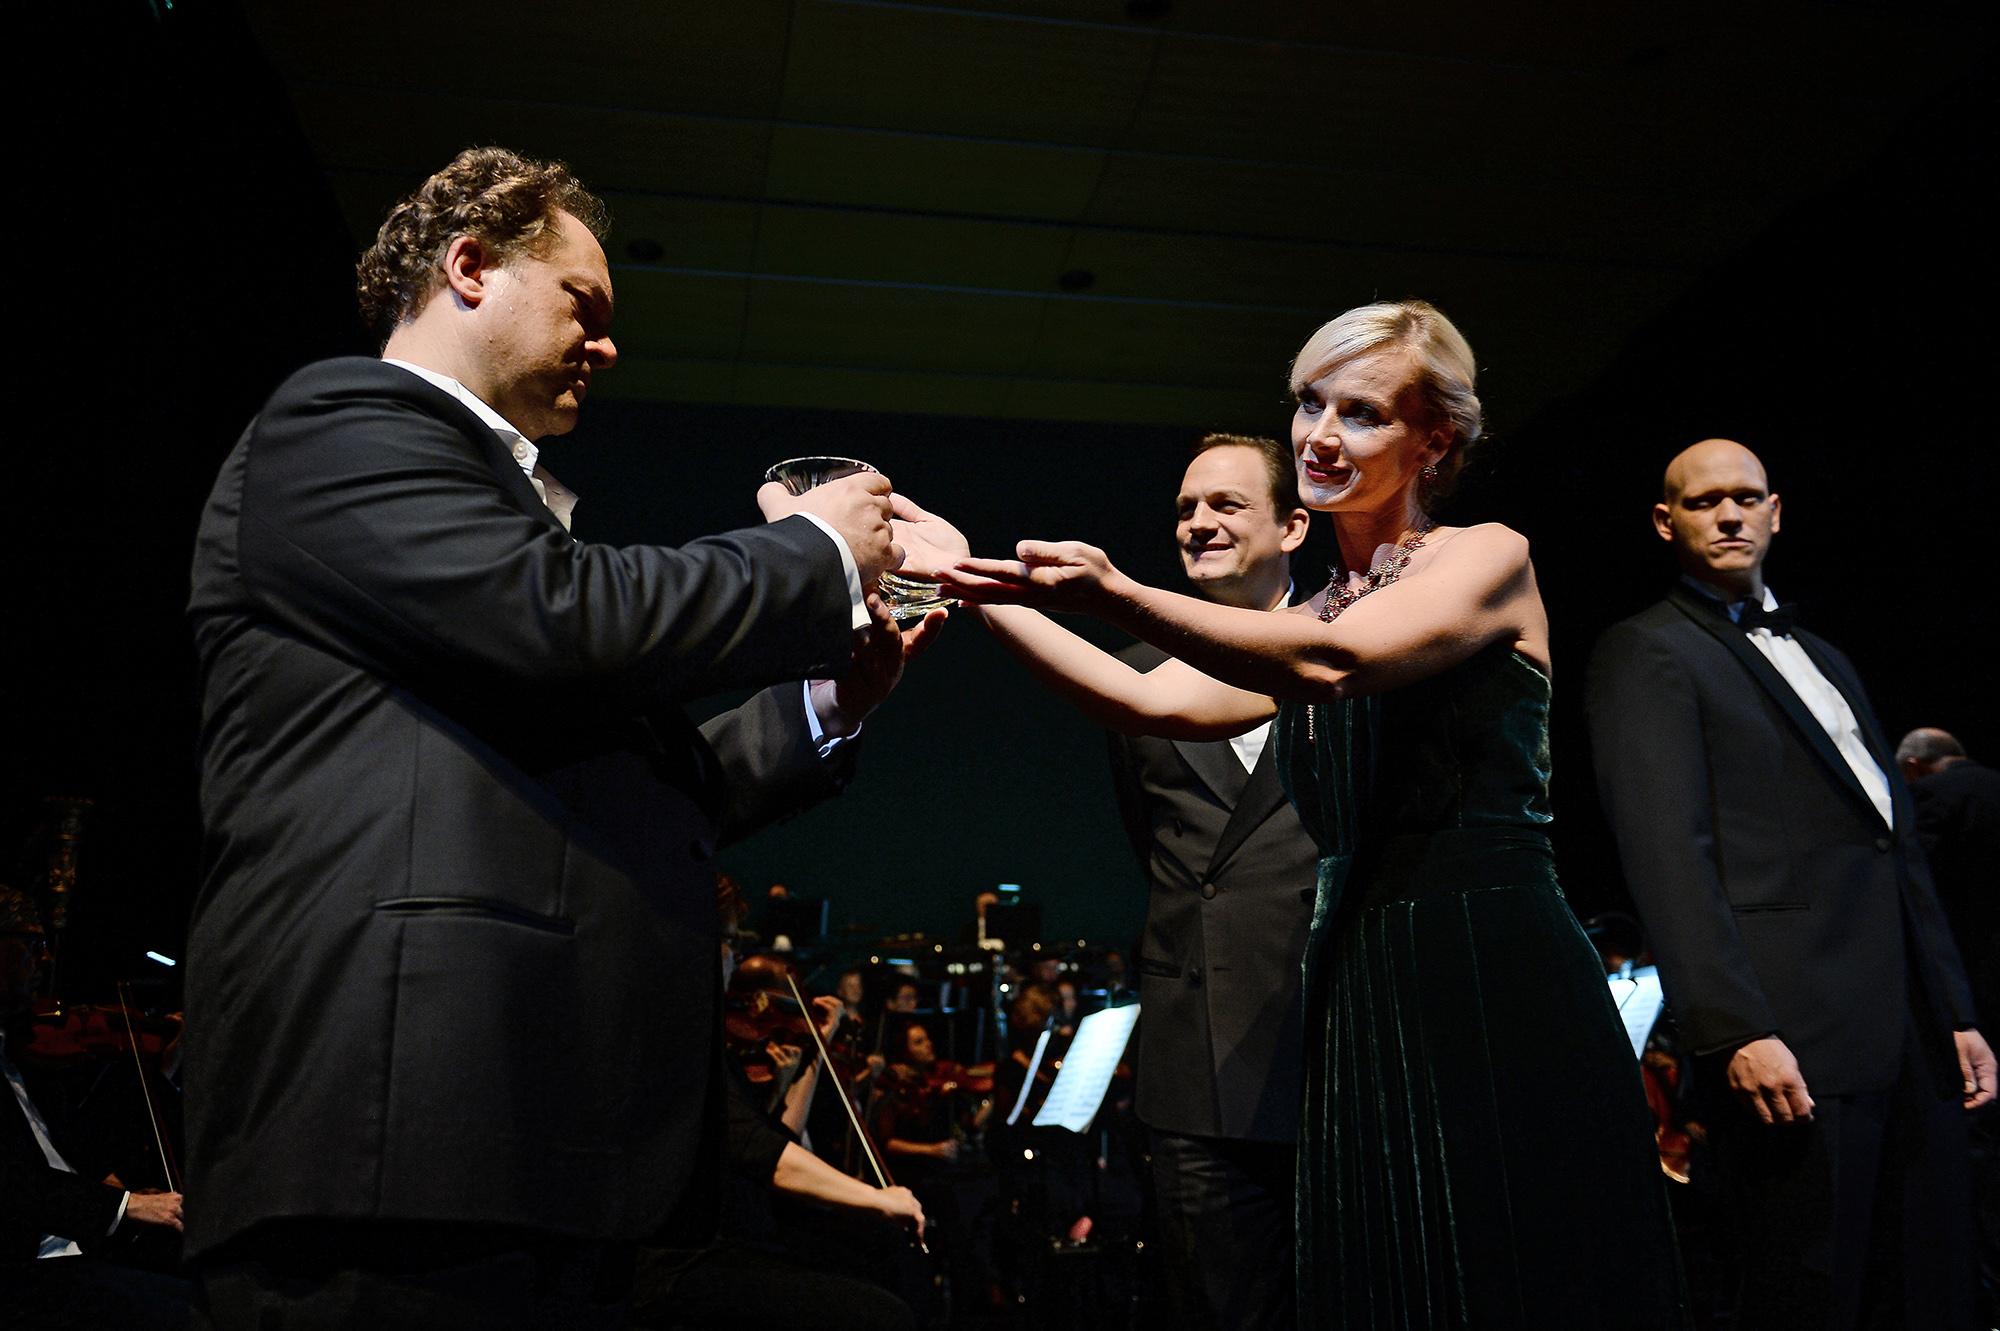 Pressefotos Der Ring An Einem Abend Staatstheater Mainz